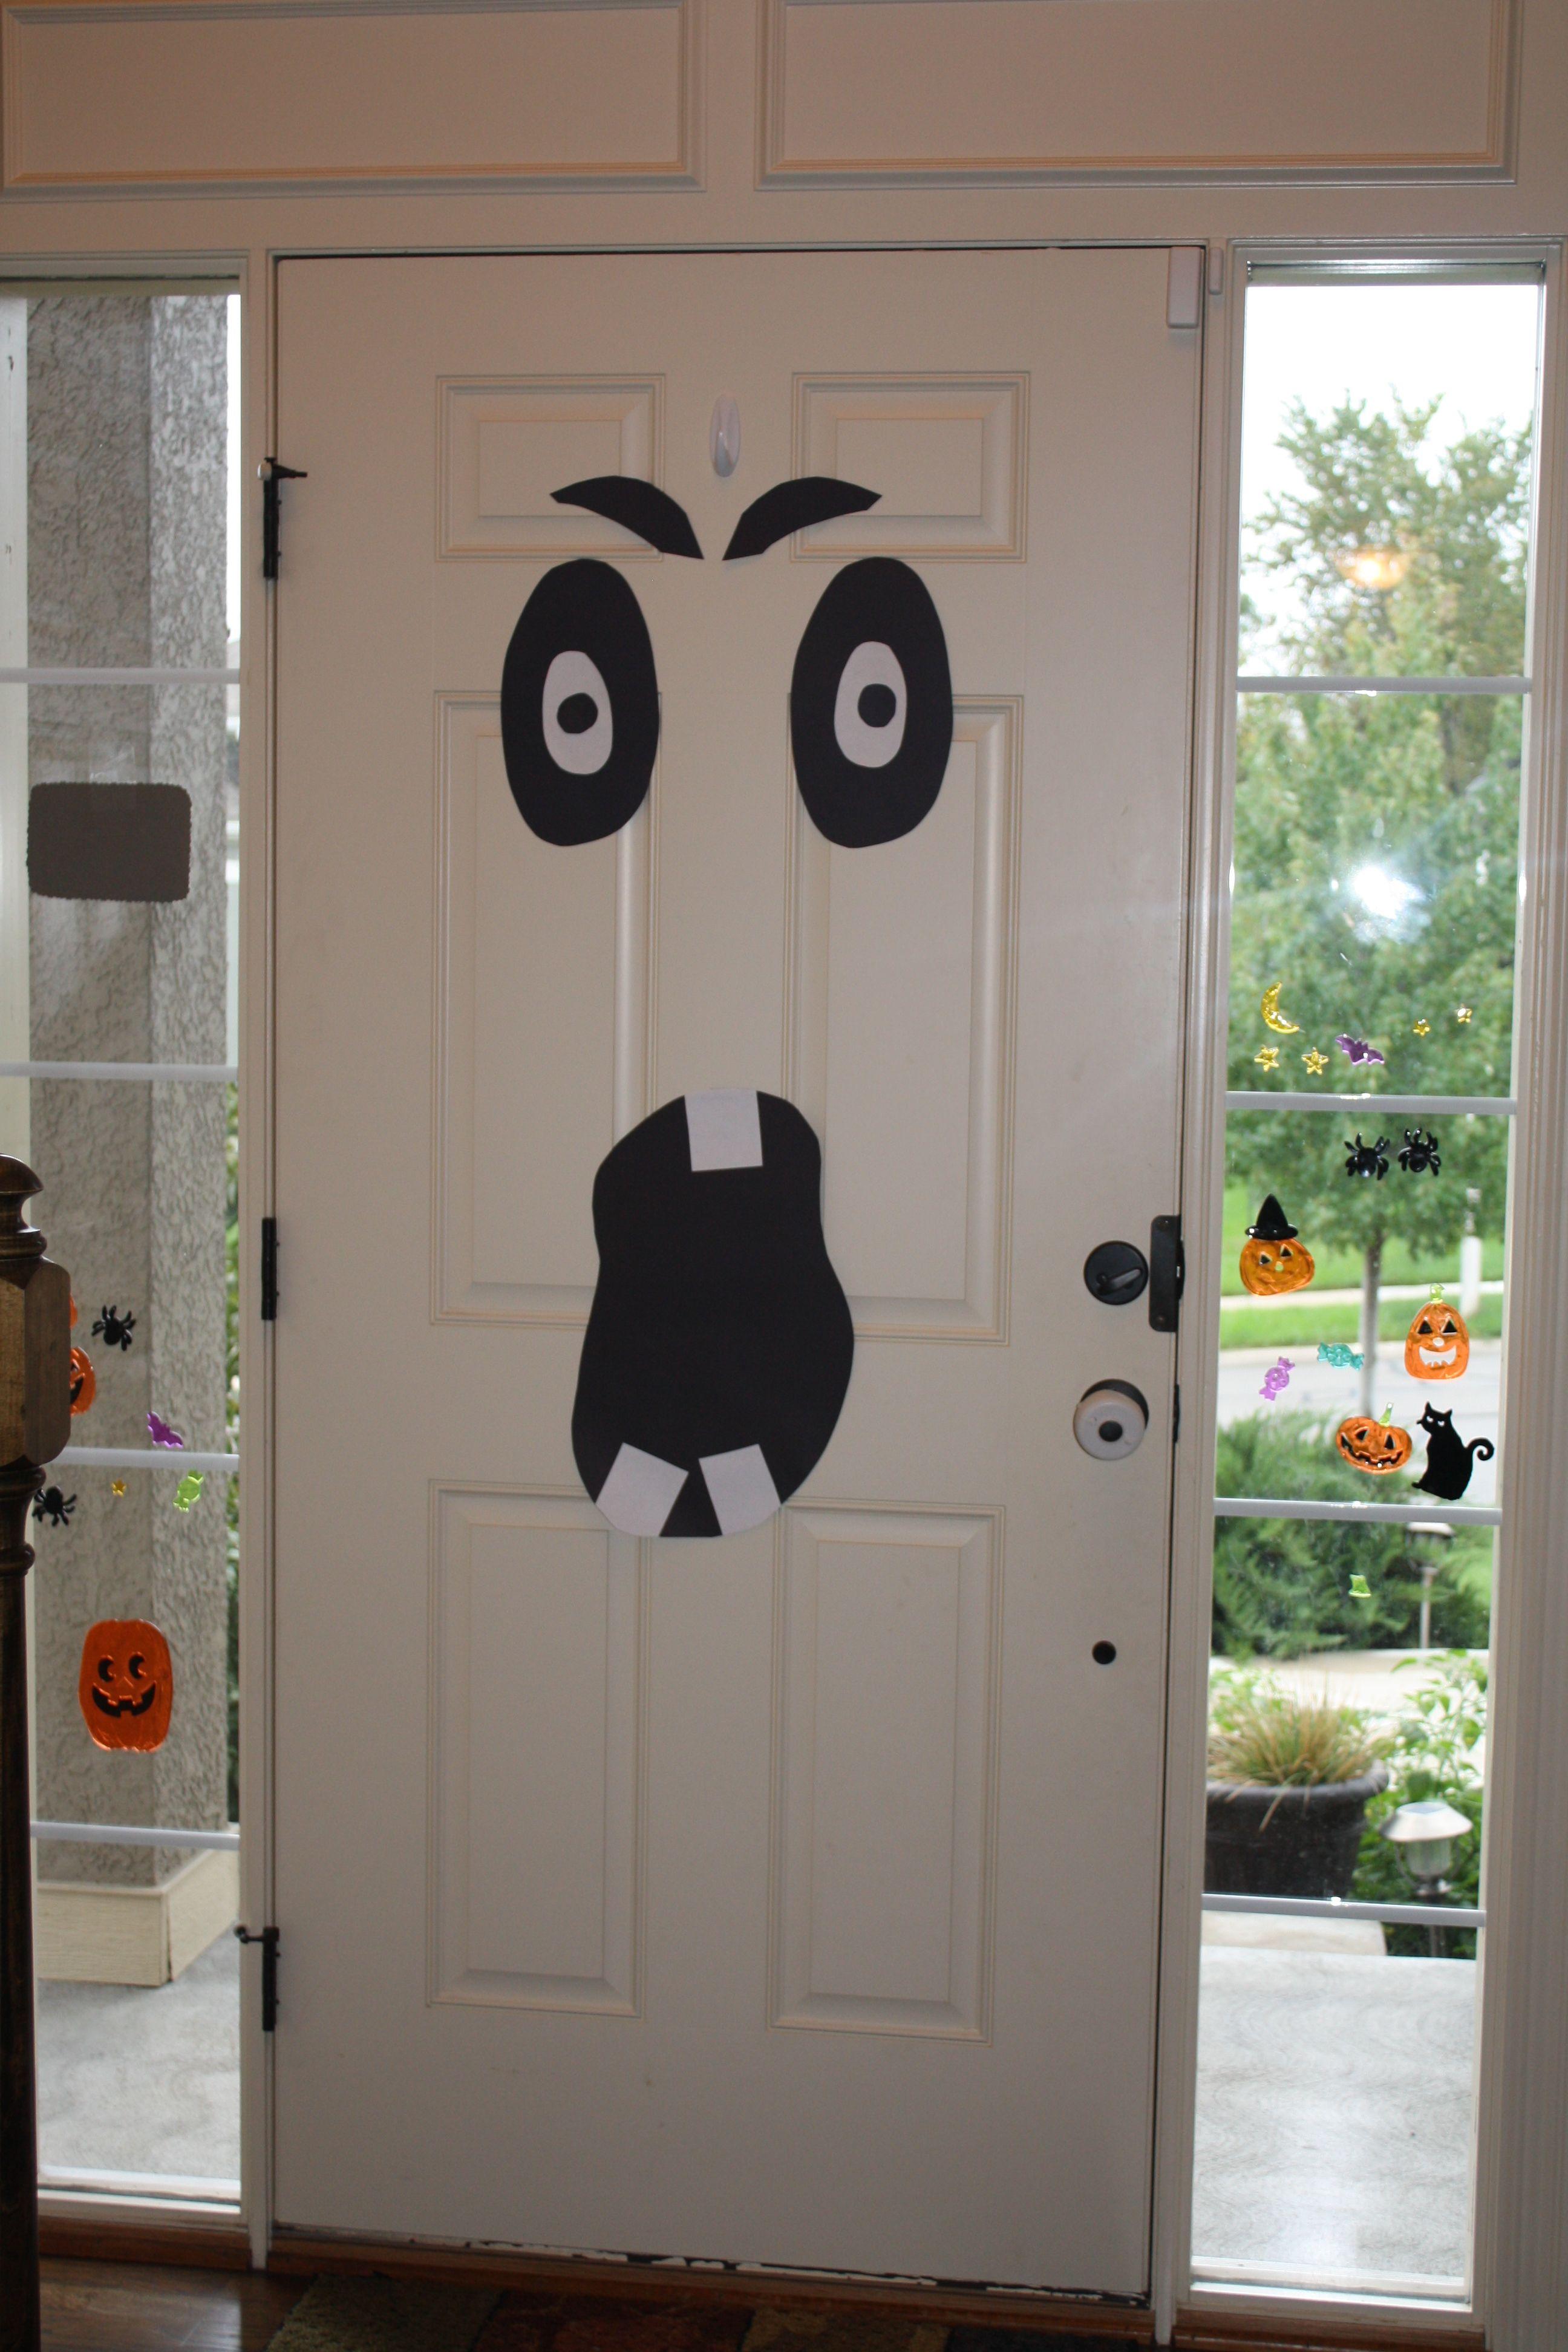 Ghost front door decoration. Front door decor, Door